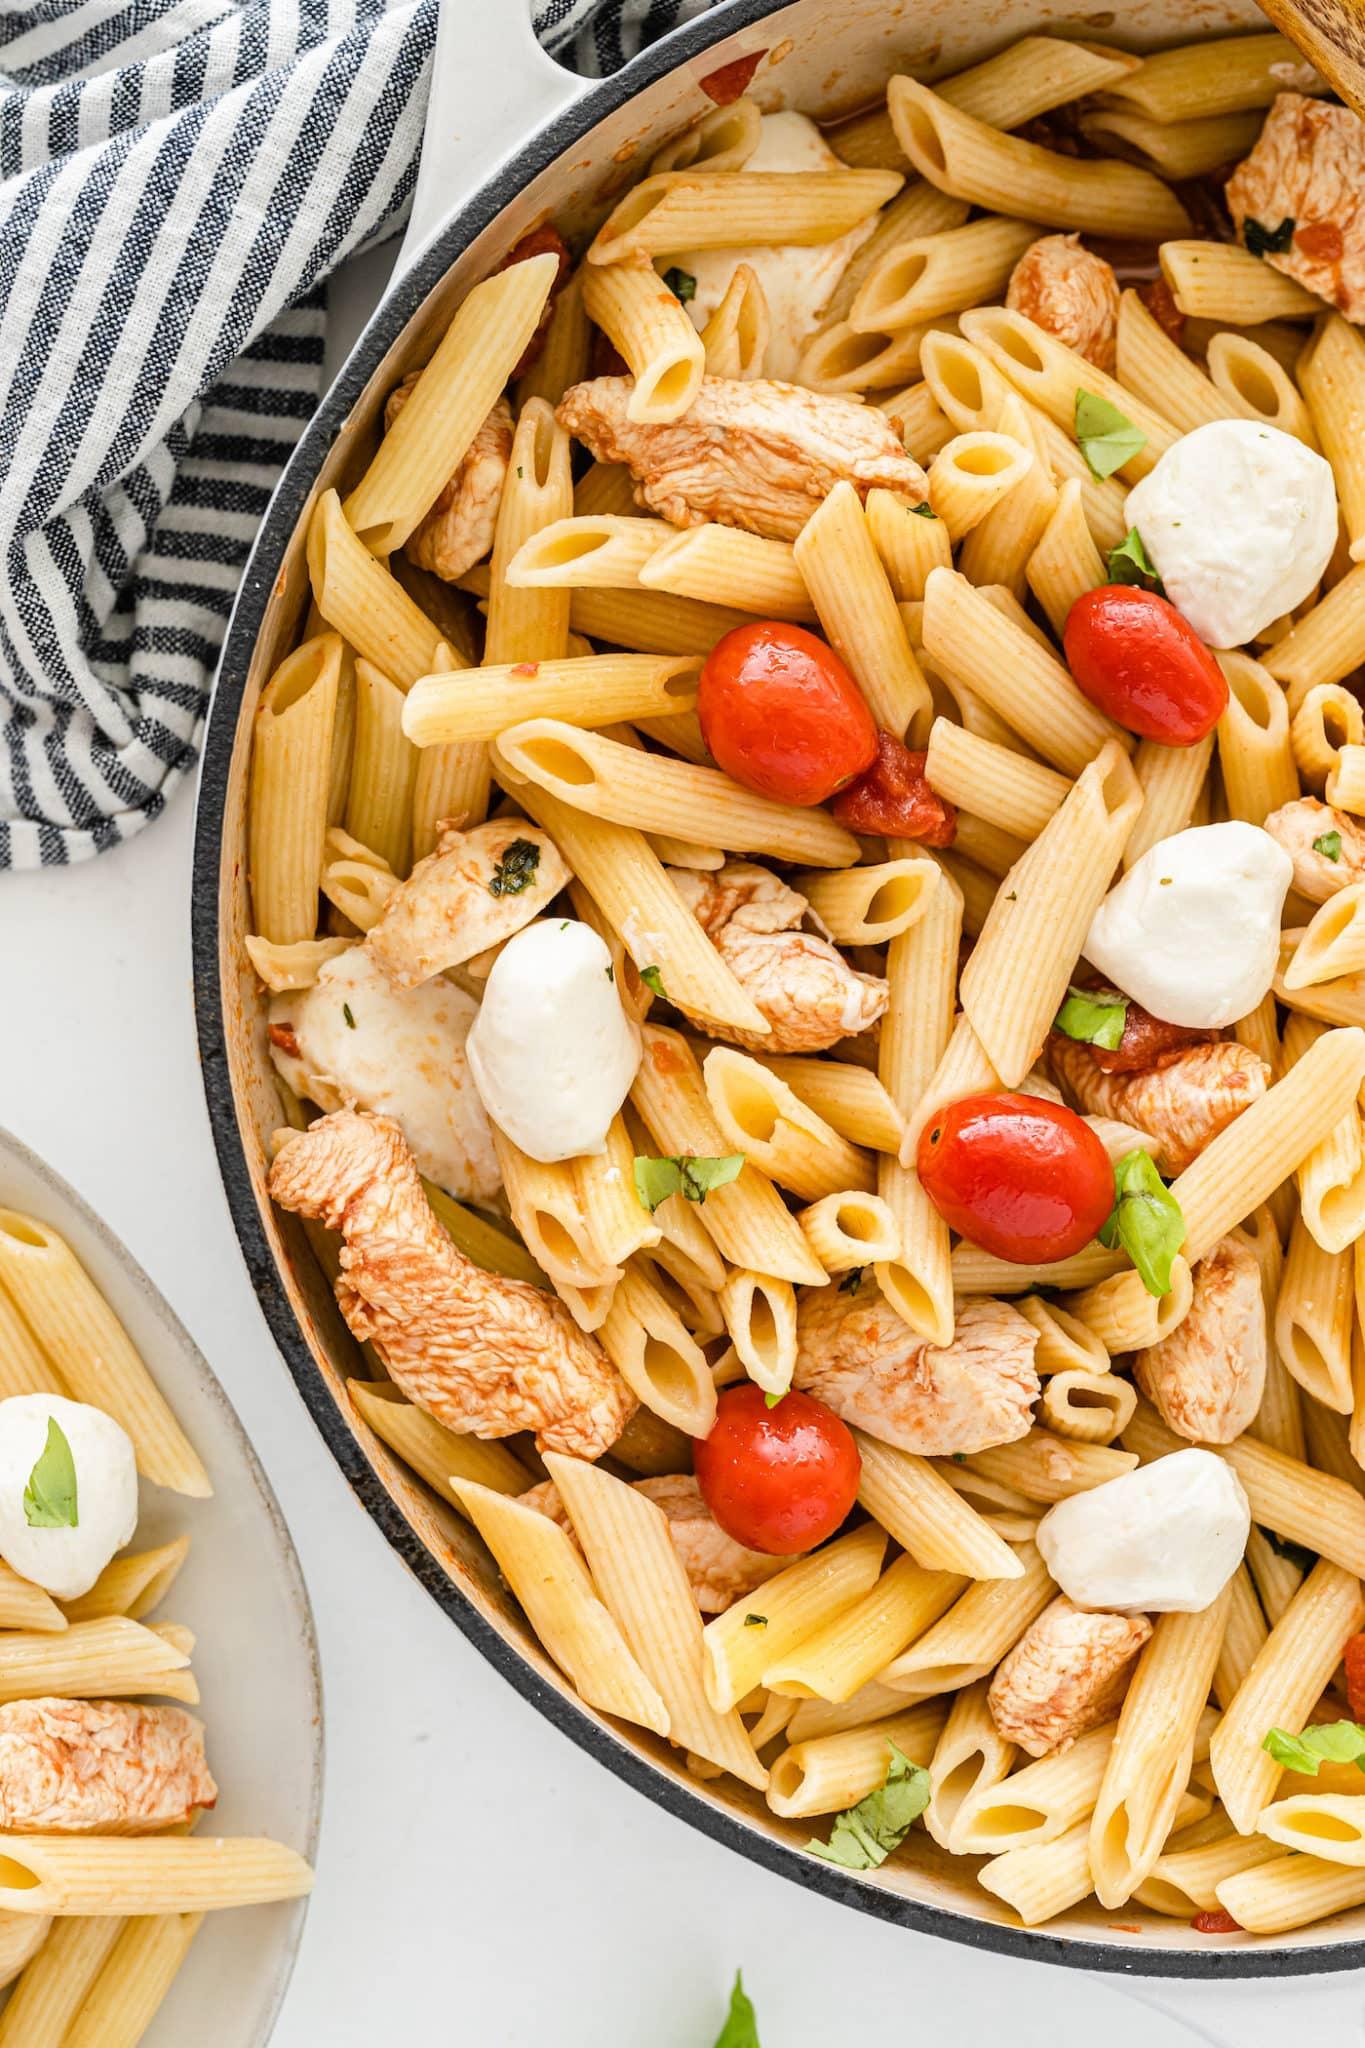 tomato basil pasta in skillet